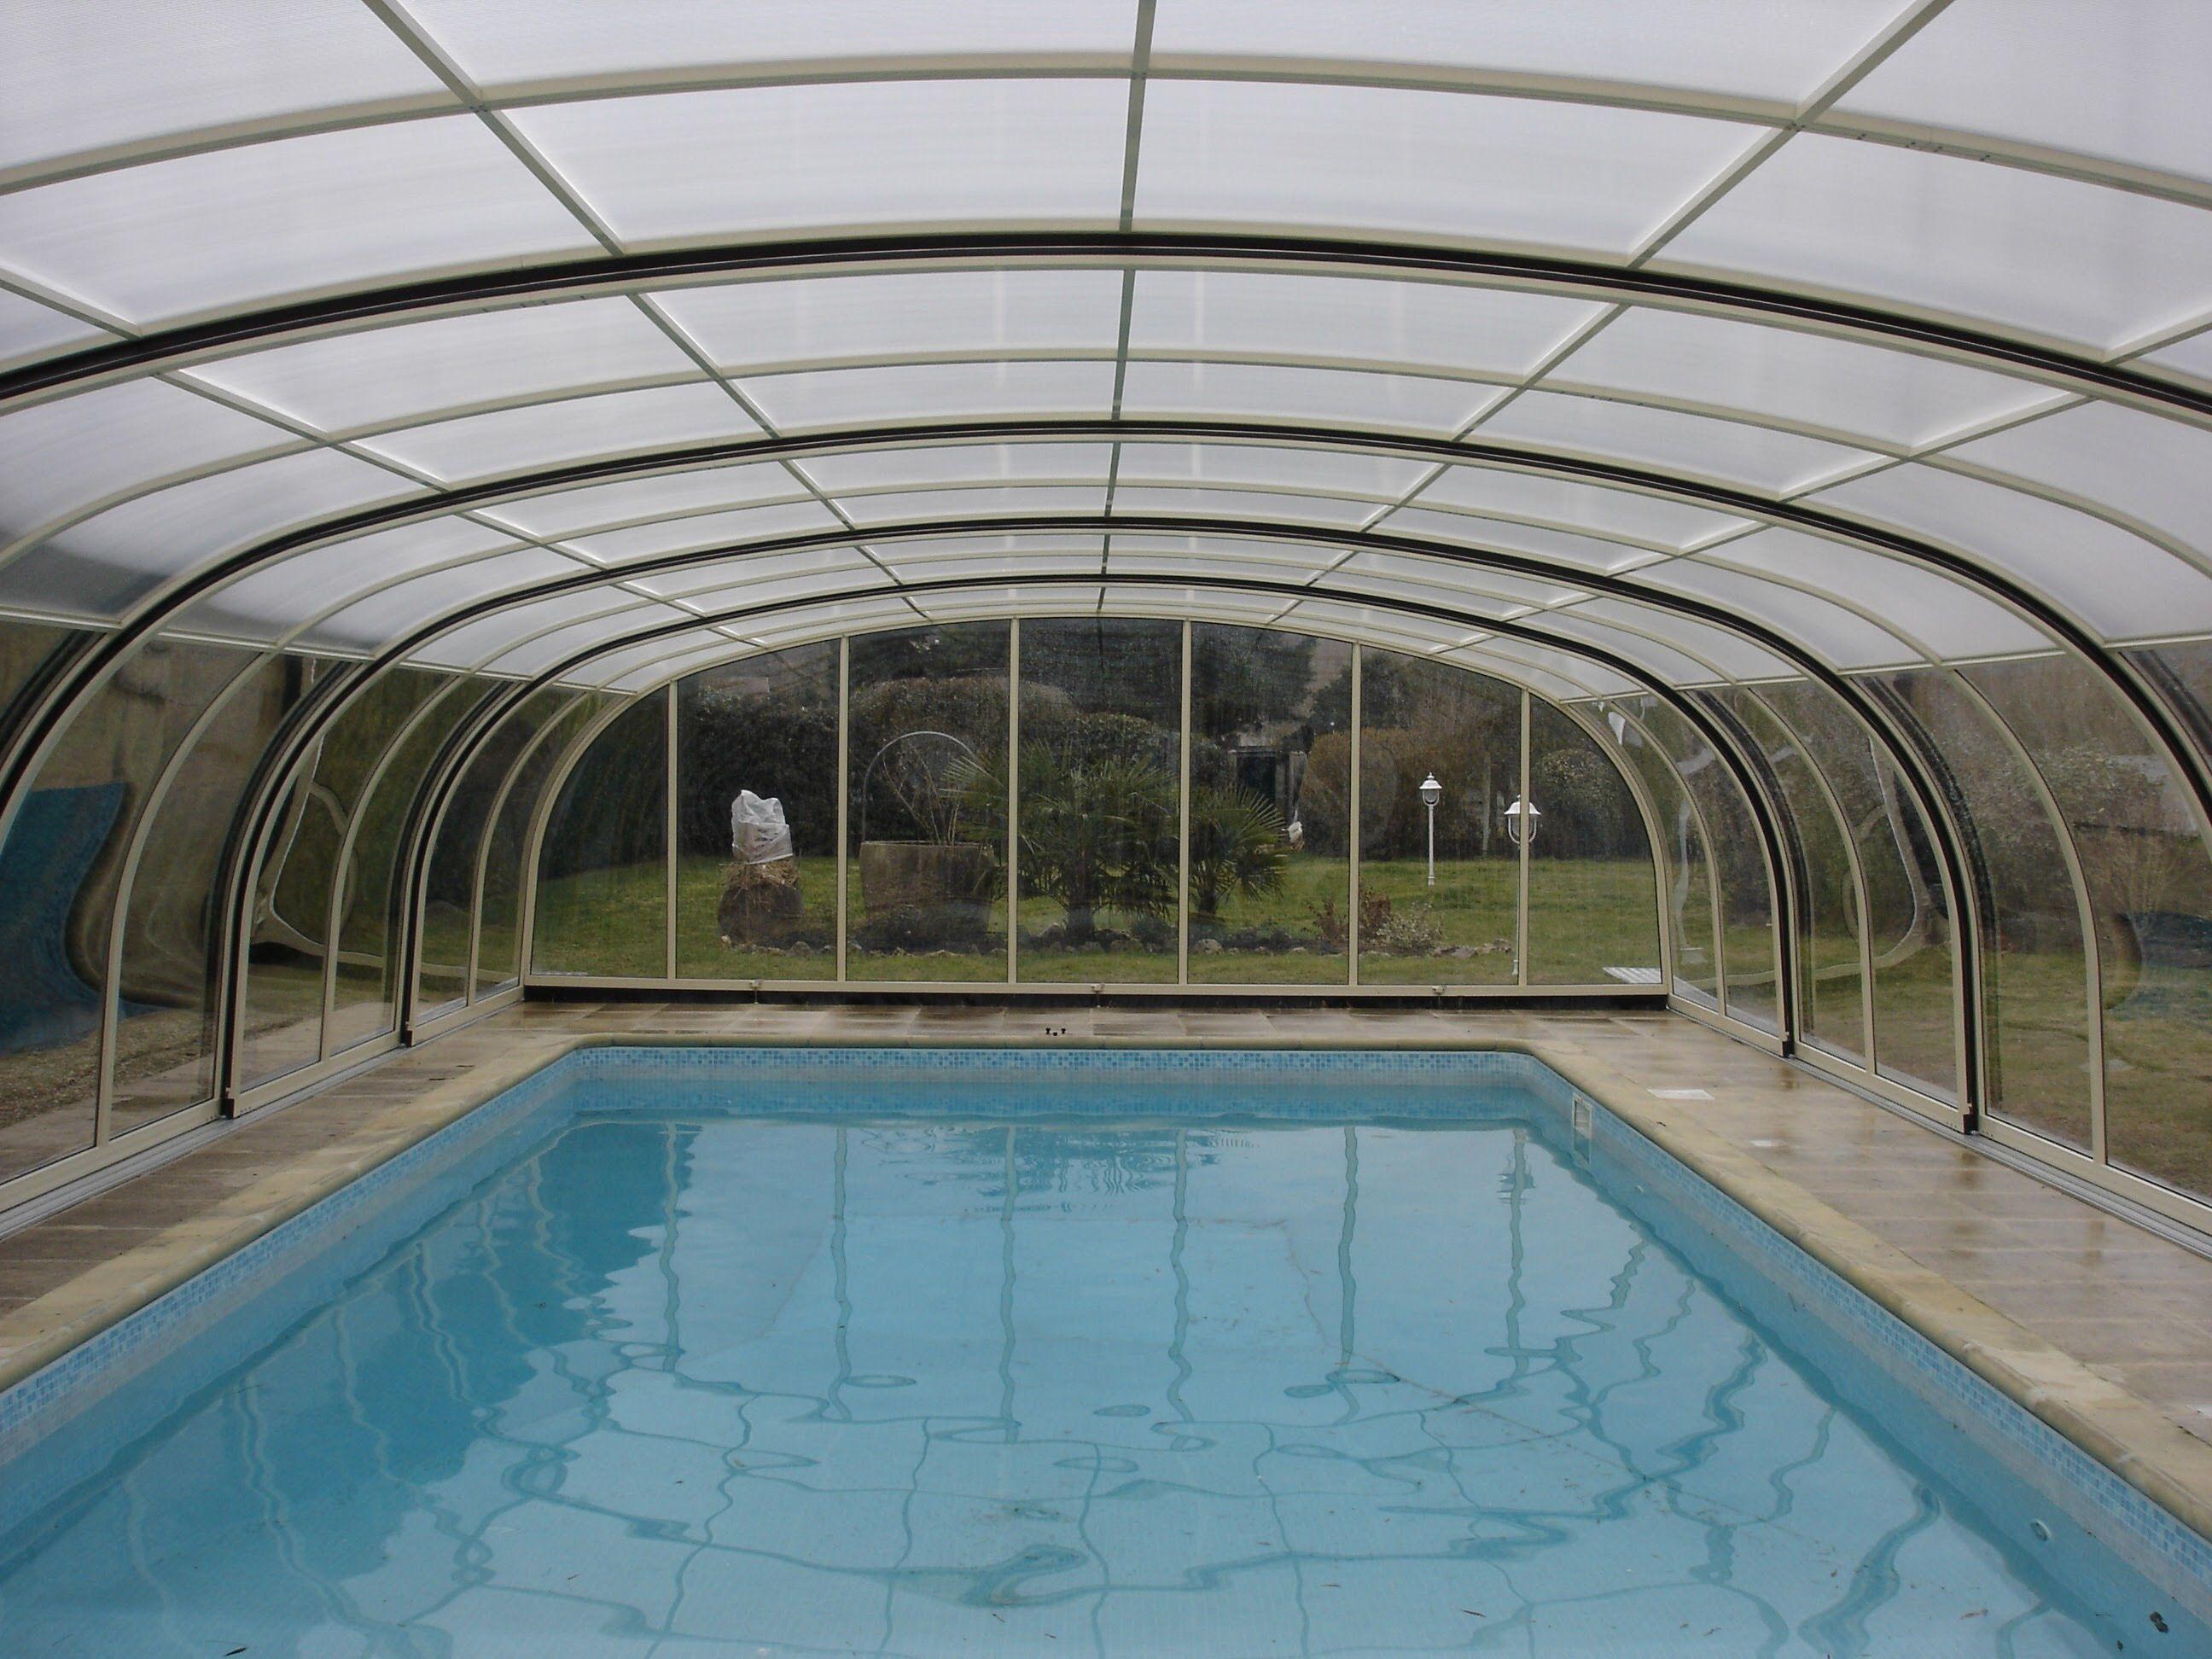 cubierta relax diseño alto, cubierta de piscina con forma cóncava